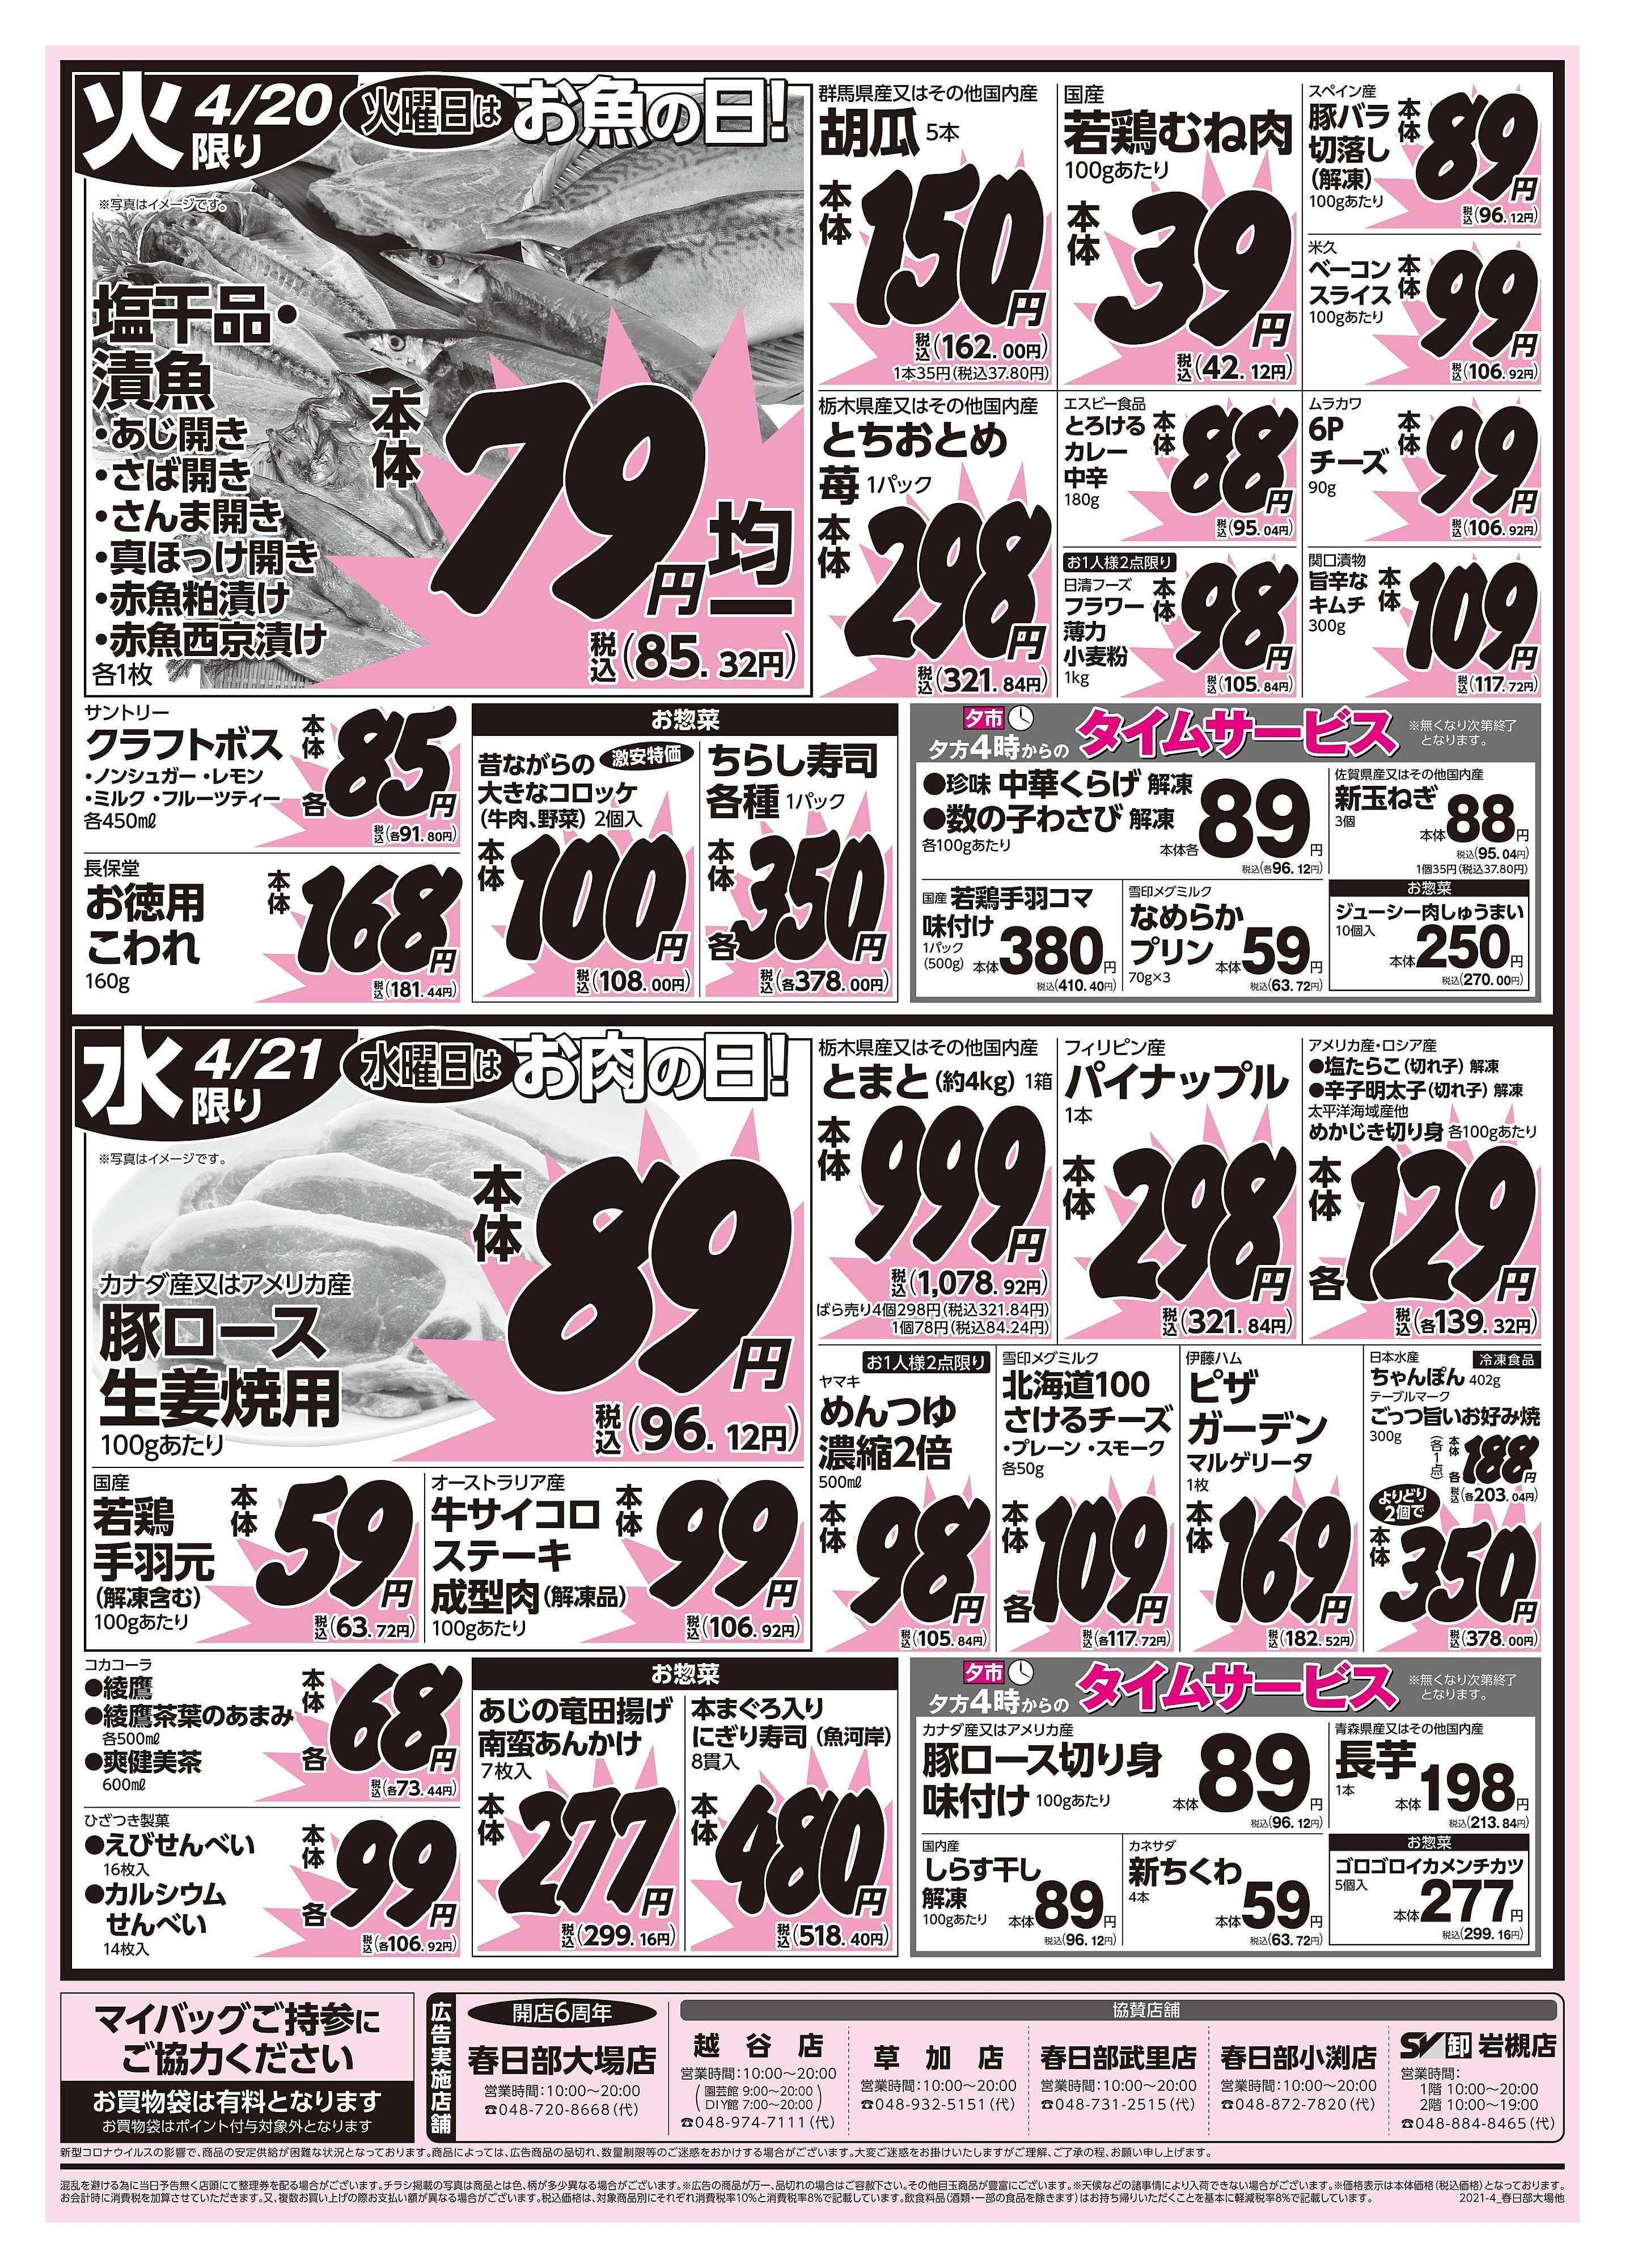 スーパーバリュー 周年祭盛況セール